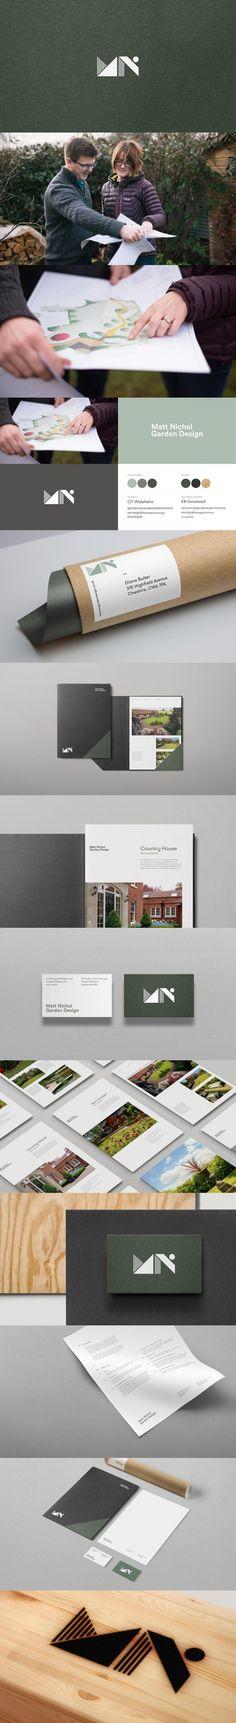 A brand identity for garden designer Matt Nichol — Dawn Creative Creative Portfolio, Brand Identity, Dawn, Garden Design, Landscape Designs, Branding, Yard Design